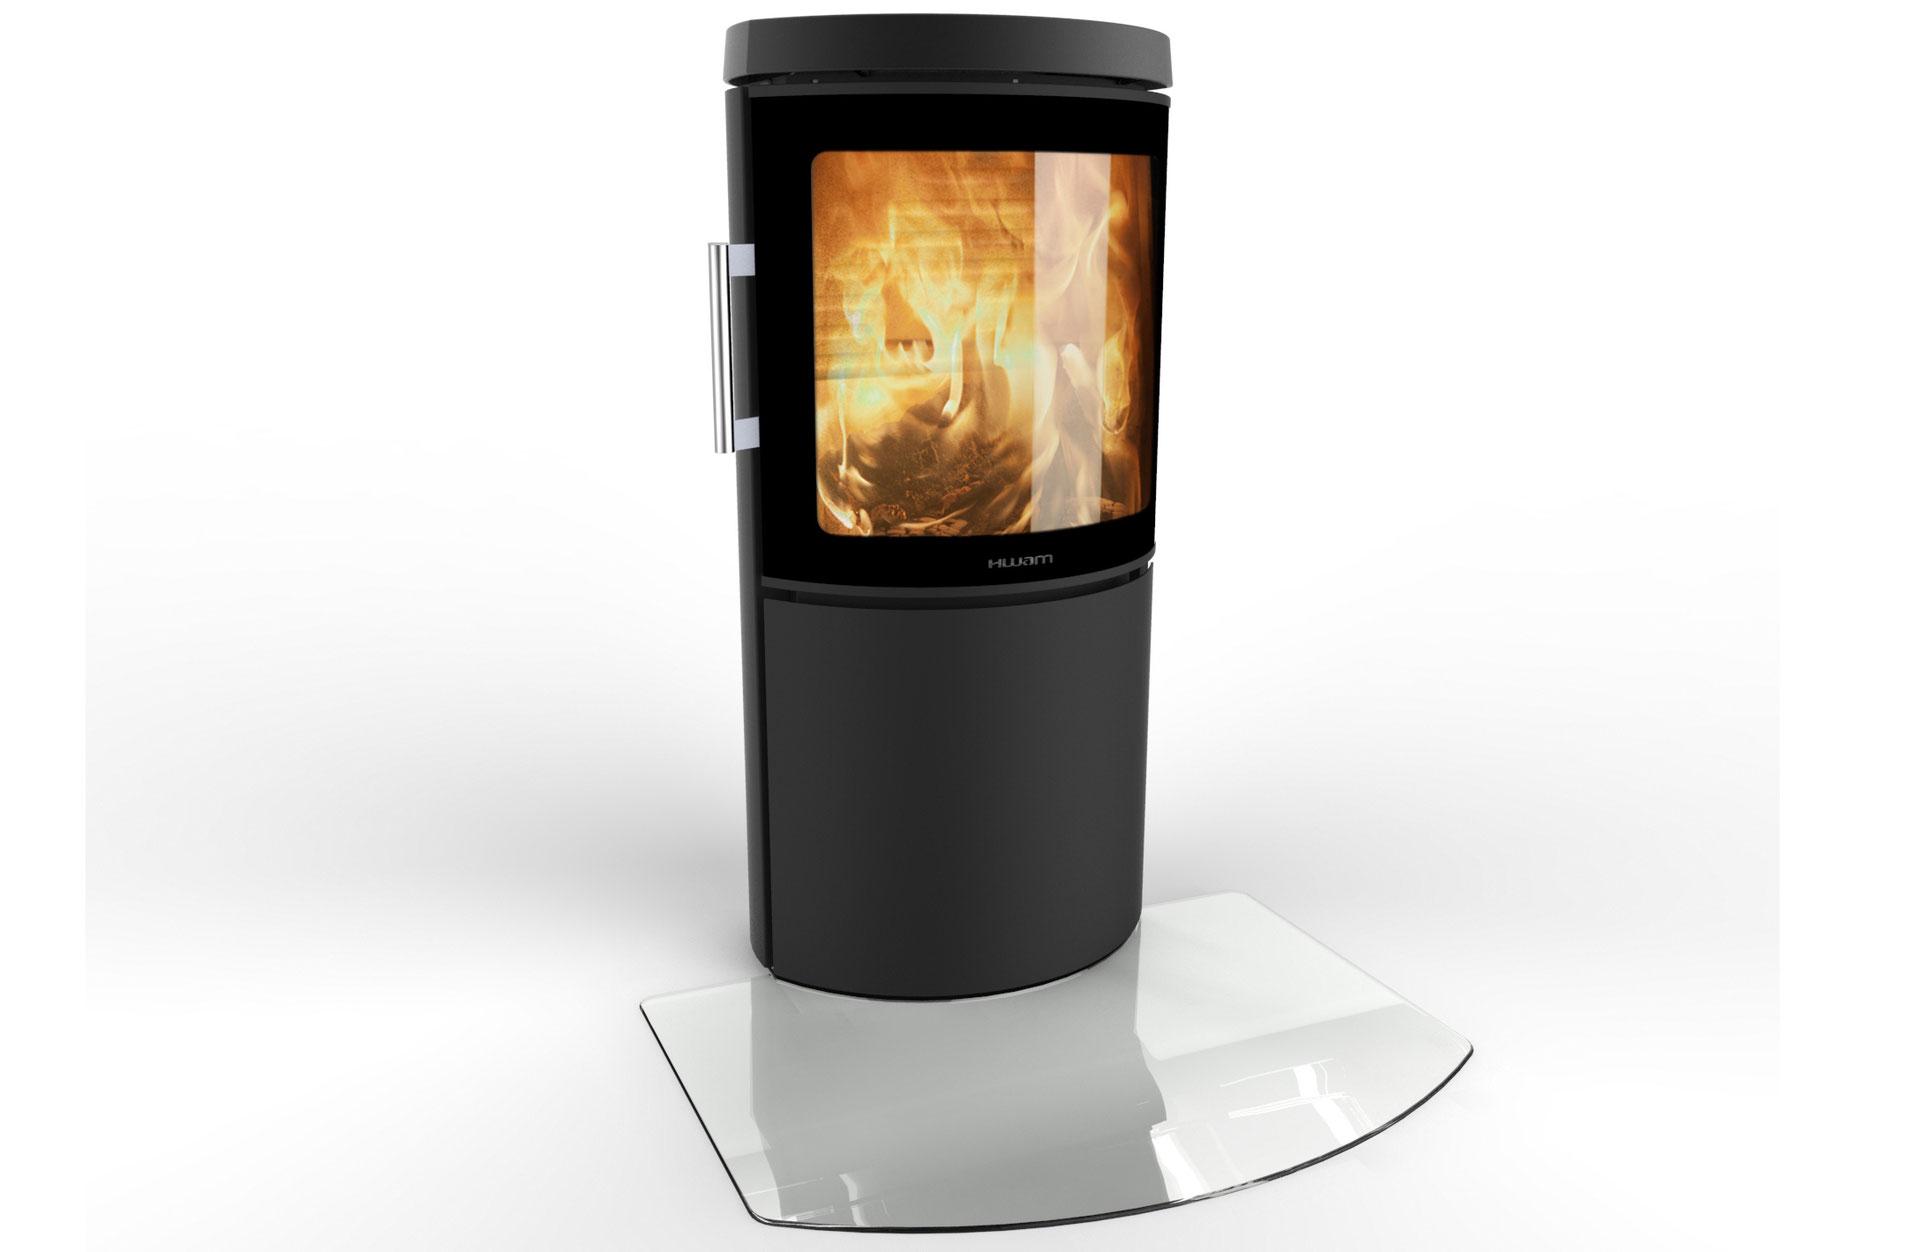 hwam bodenplatte vorlegeplatte ofenhaus mainspitze. Black Bedroom Furniture Sets. Home Design Ideas